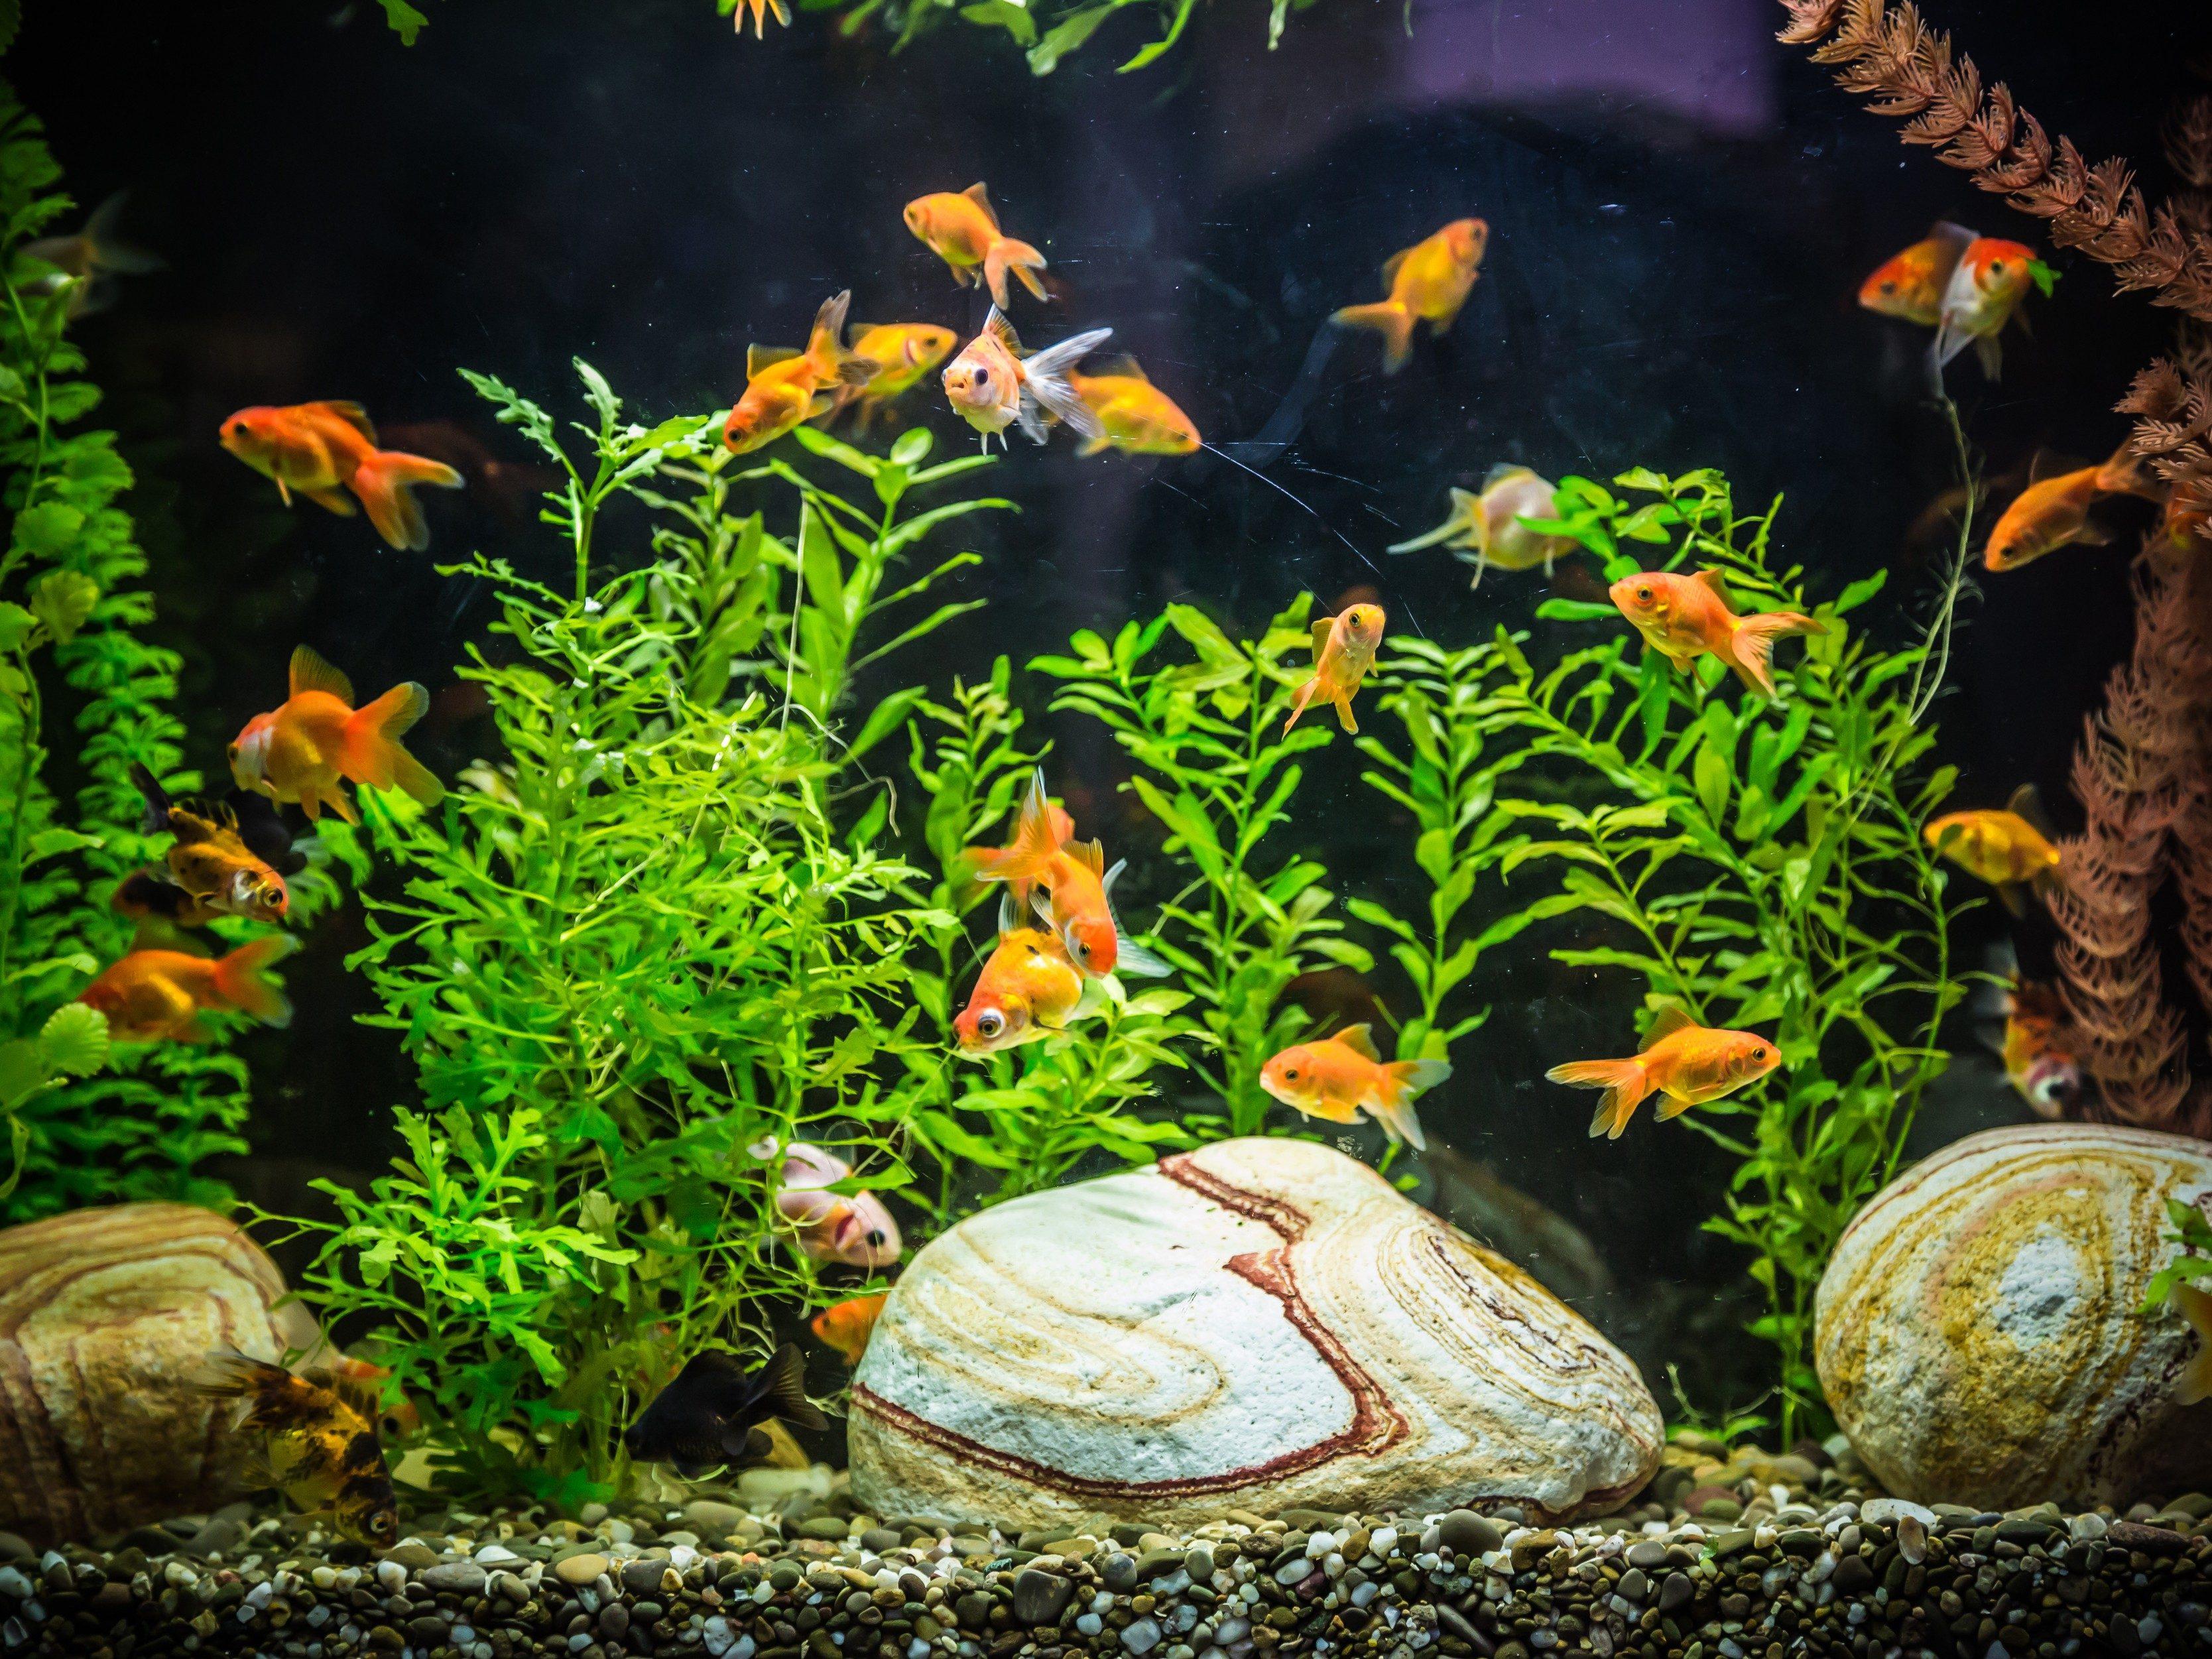 Use a Flowerpot as an Aquarium Fish Cave